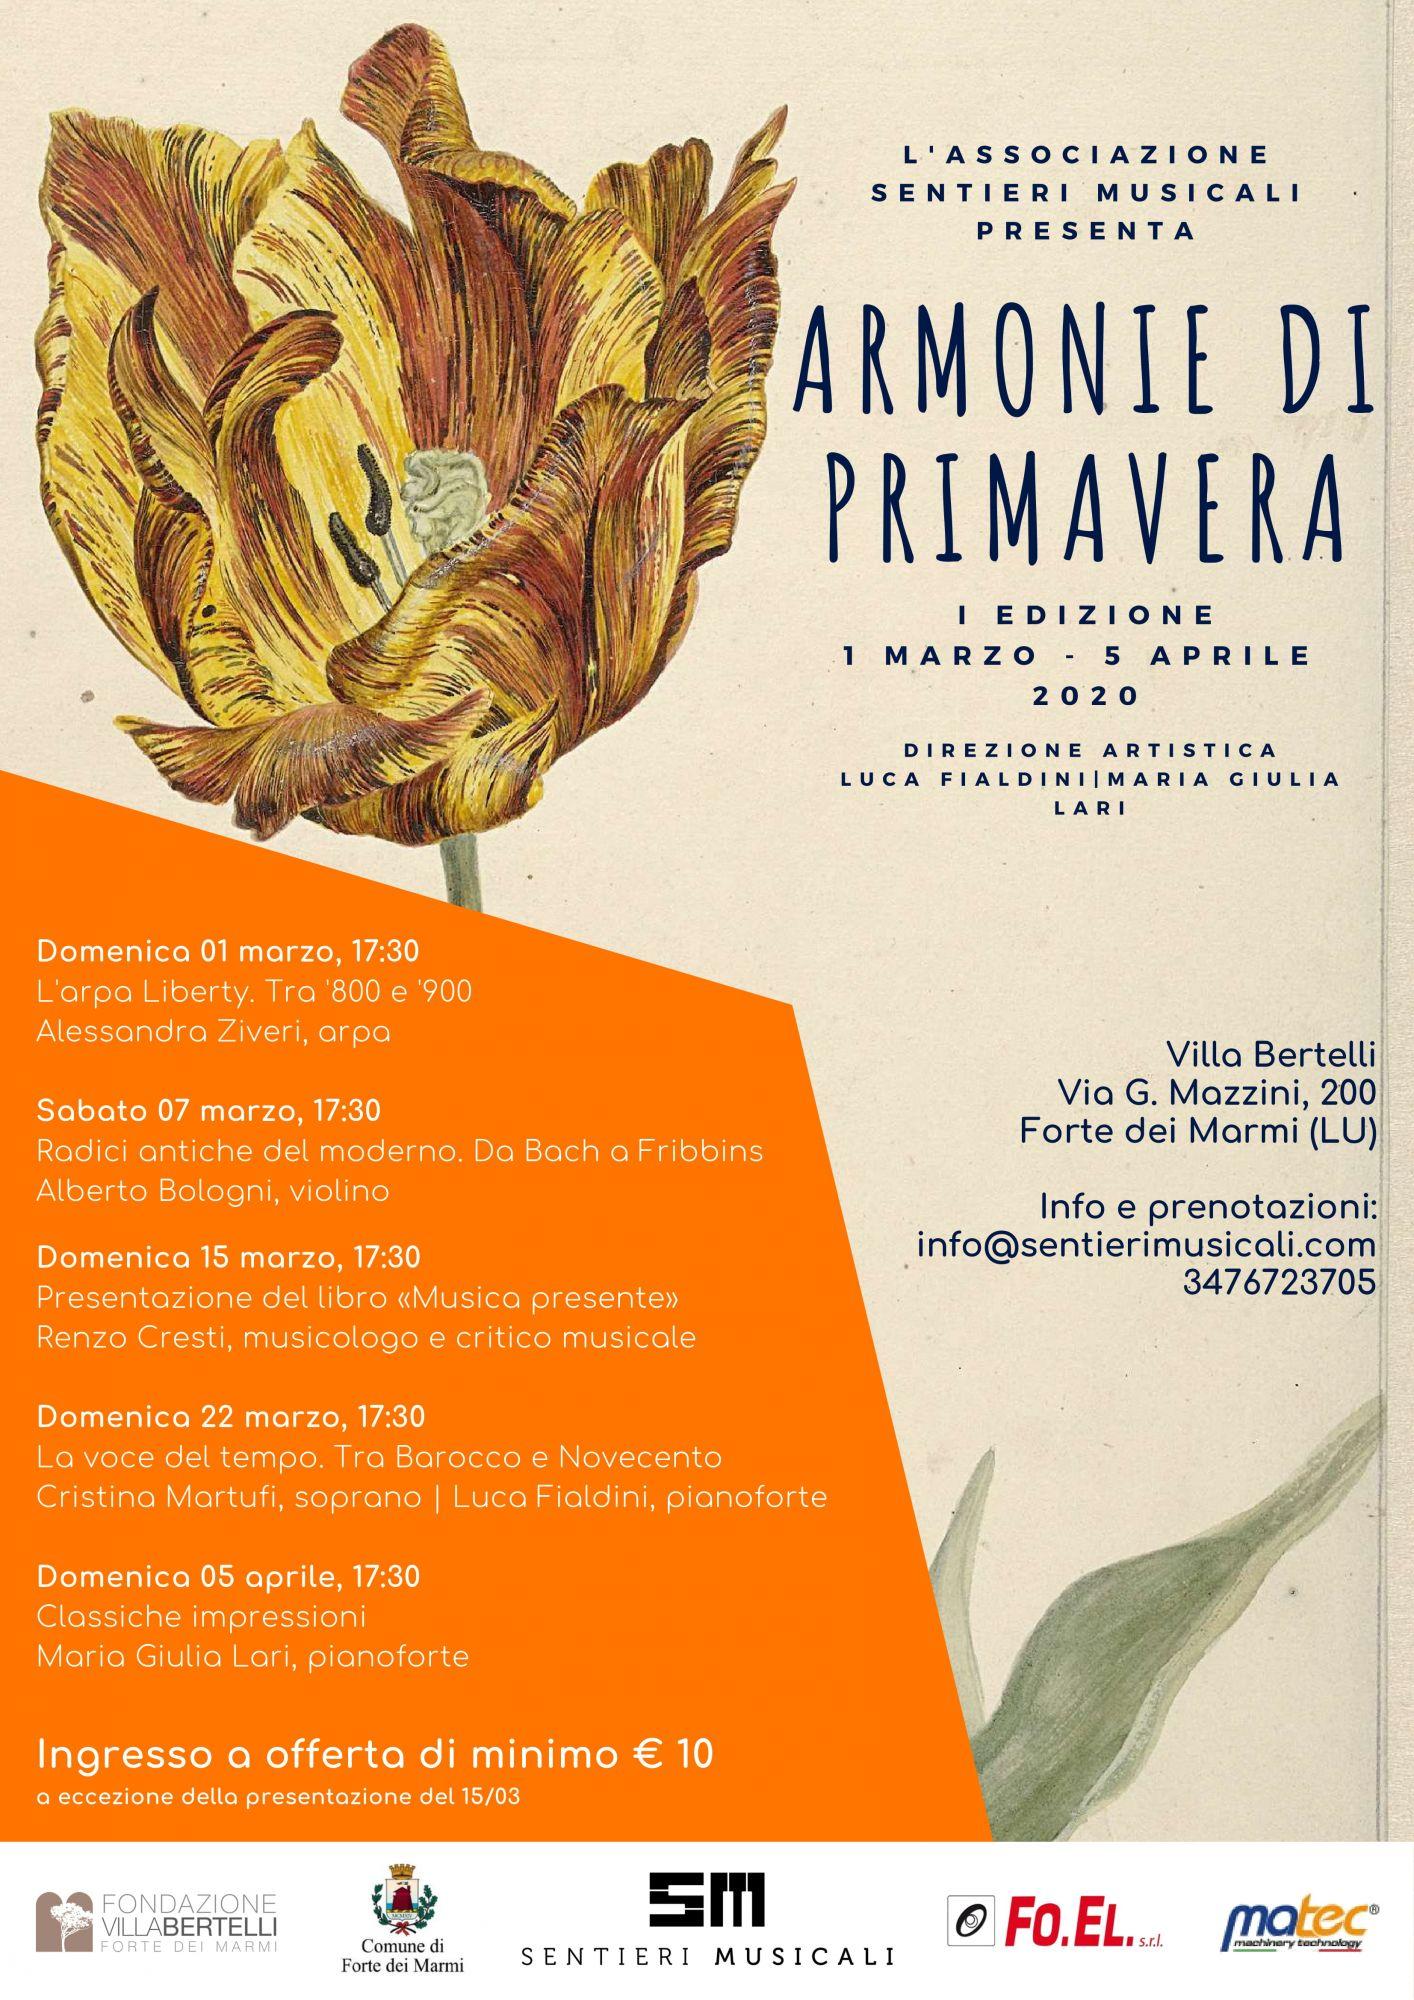 Villa Bertelli presenta Armonie di primavera